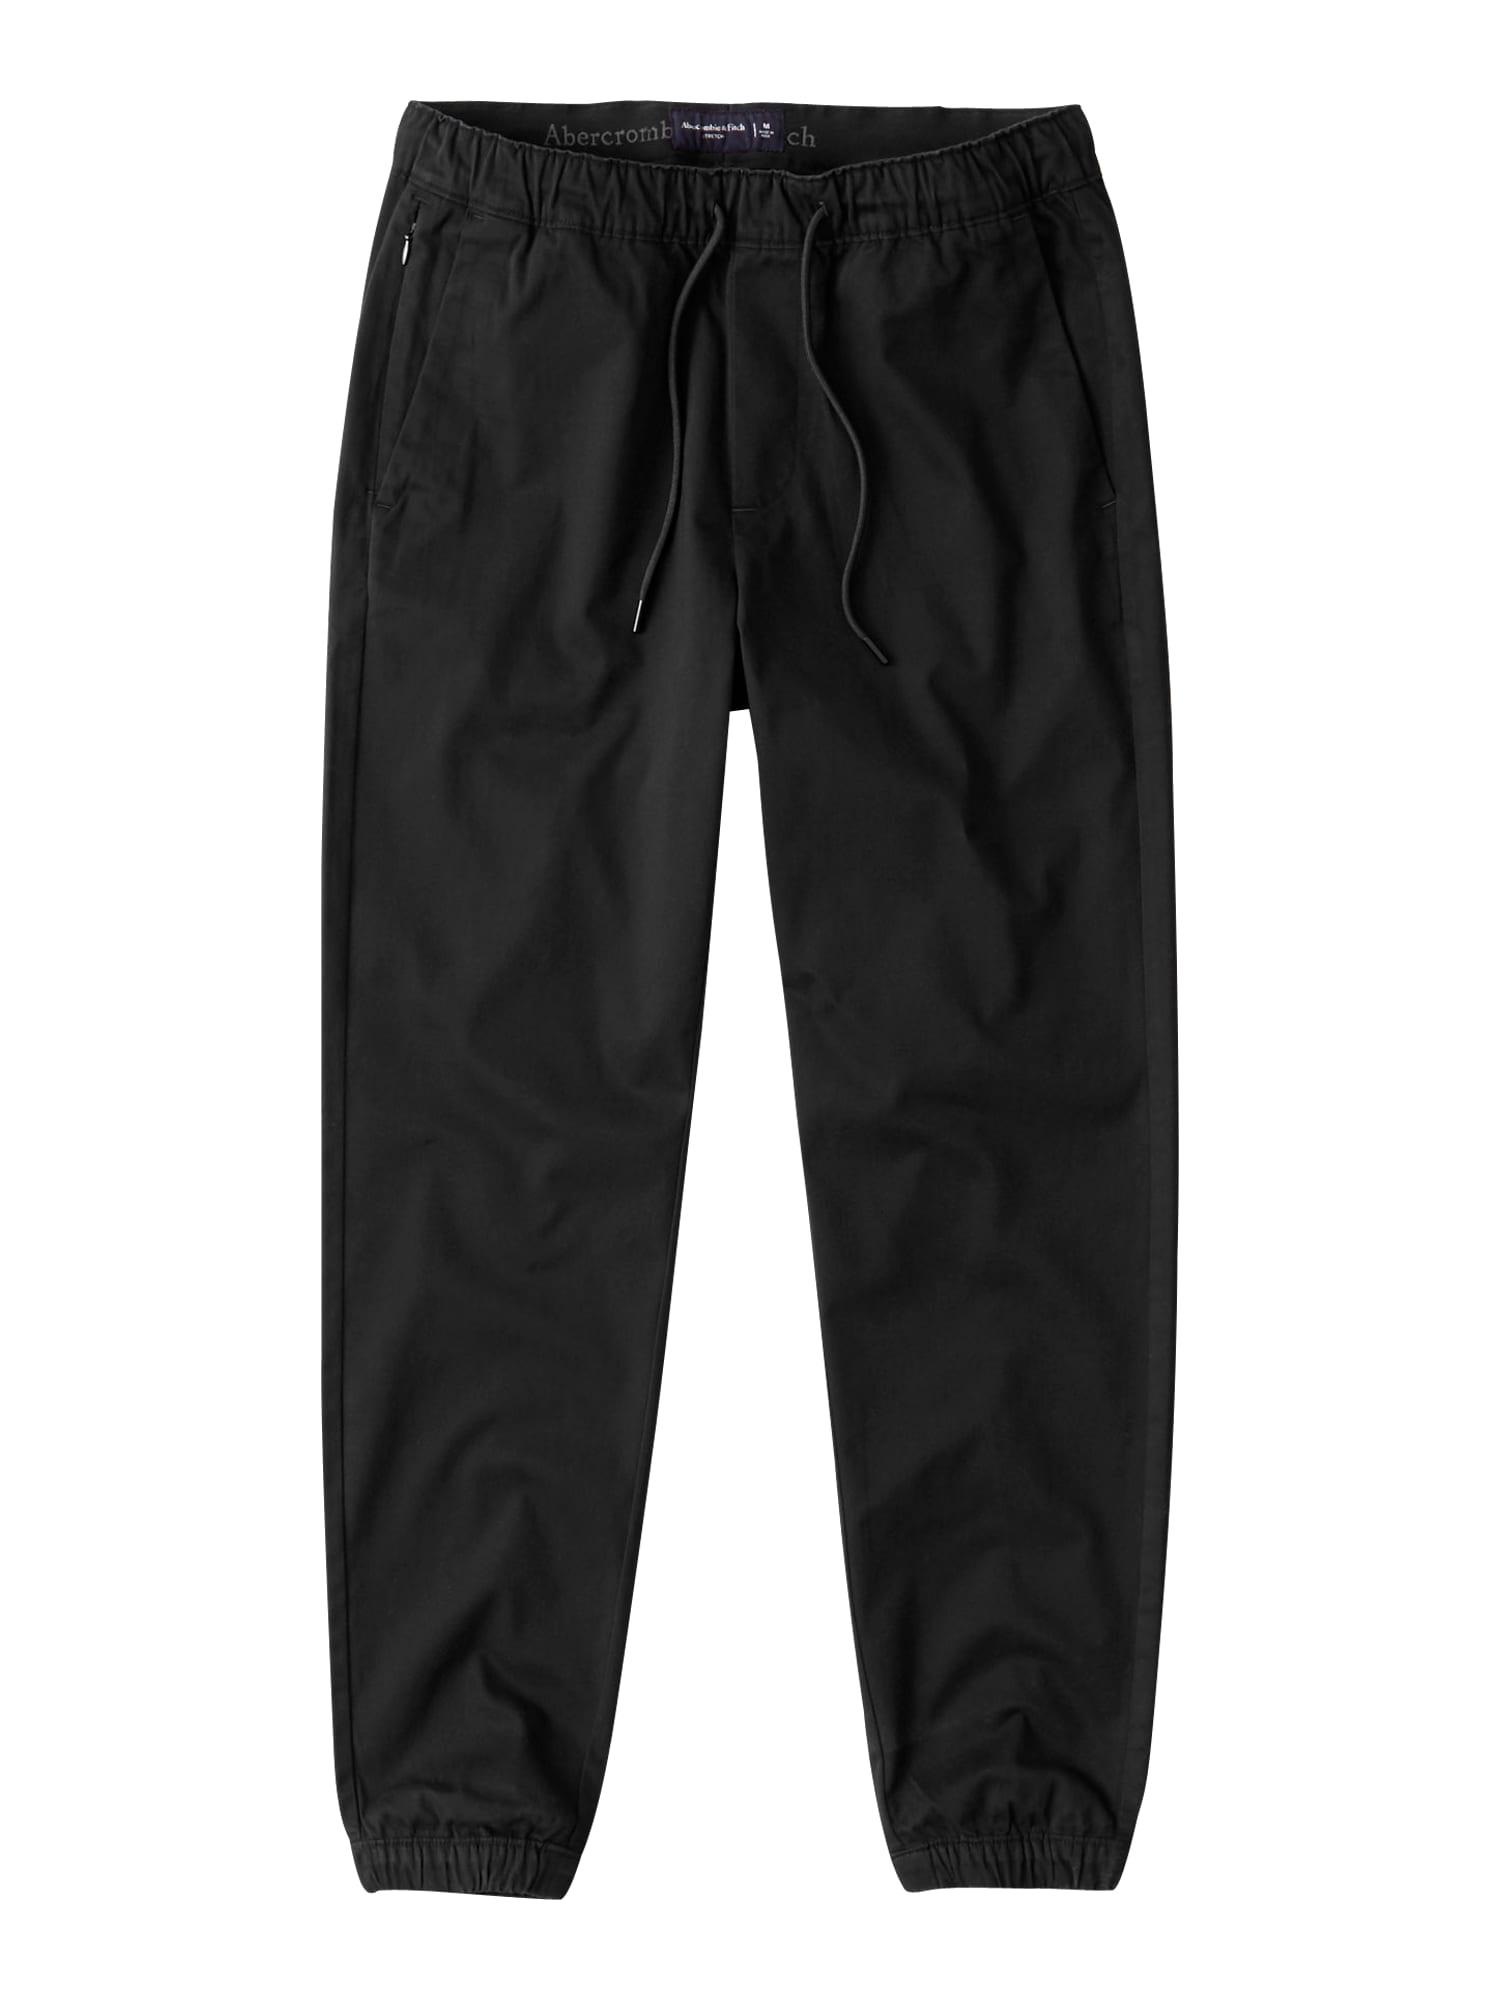 Abercrombie & Fitch Kelnės juoda